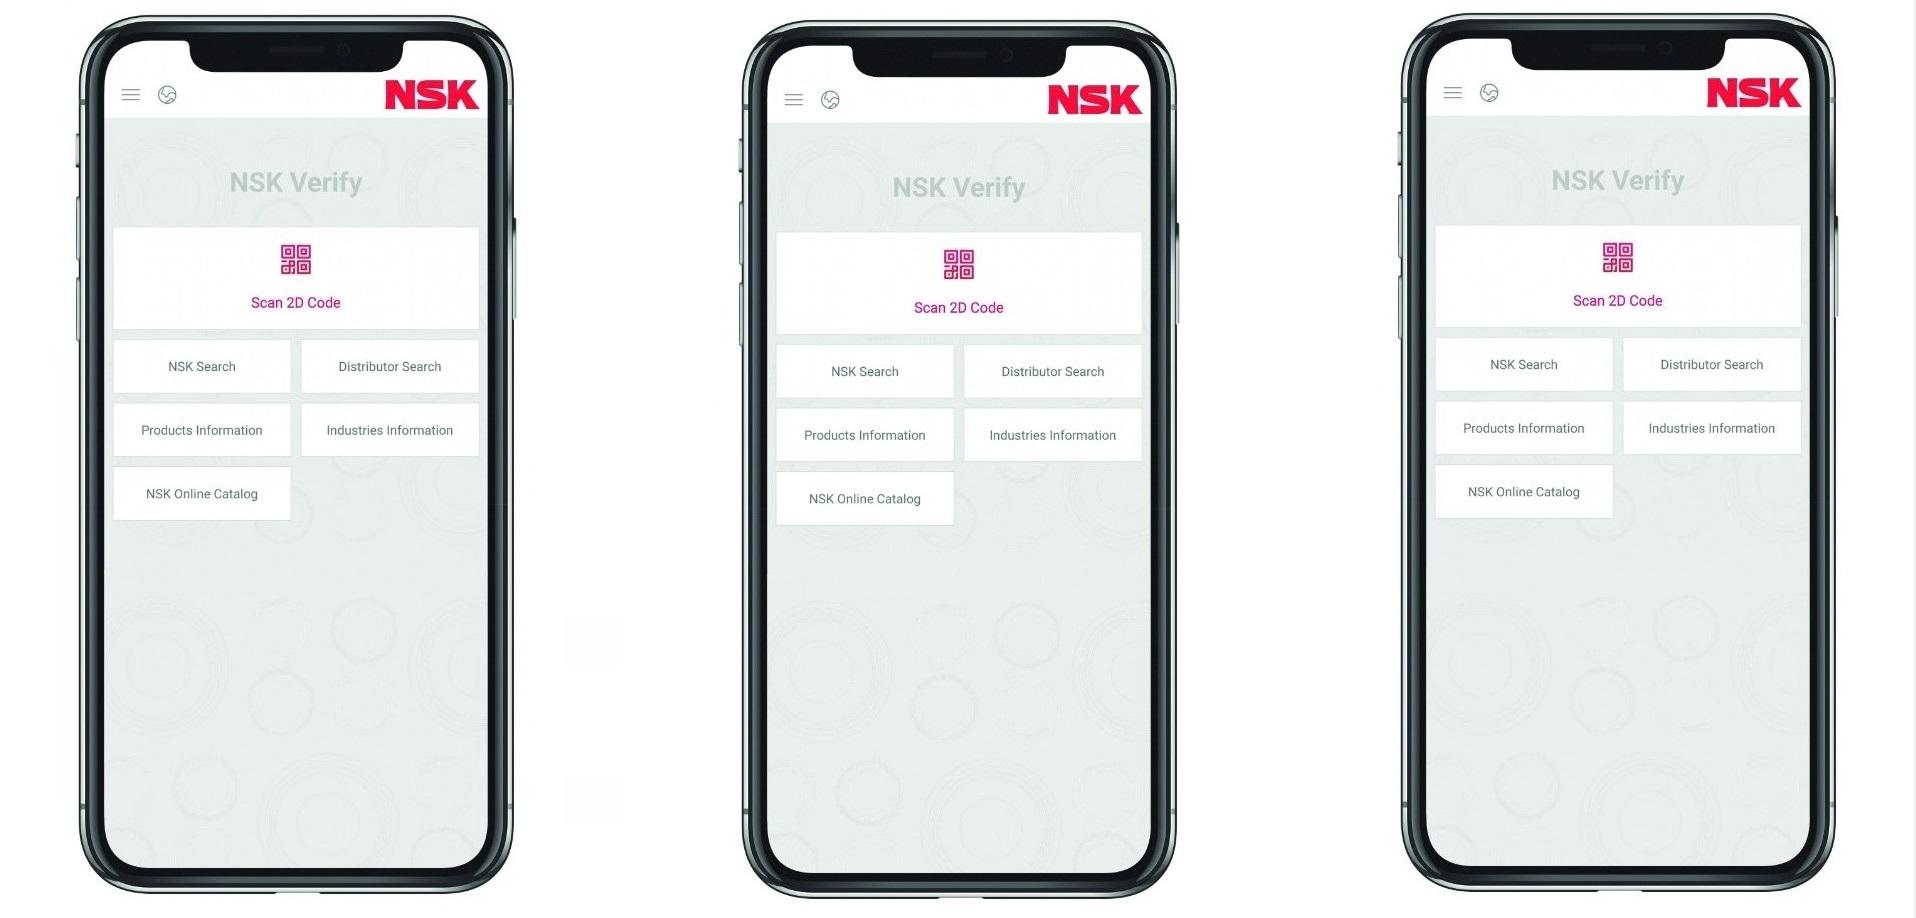 Nuovo aggiornamento dell'app NSK Verify per i cuscinetti industriali